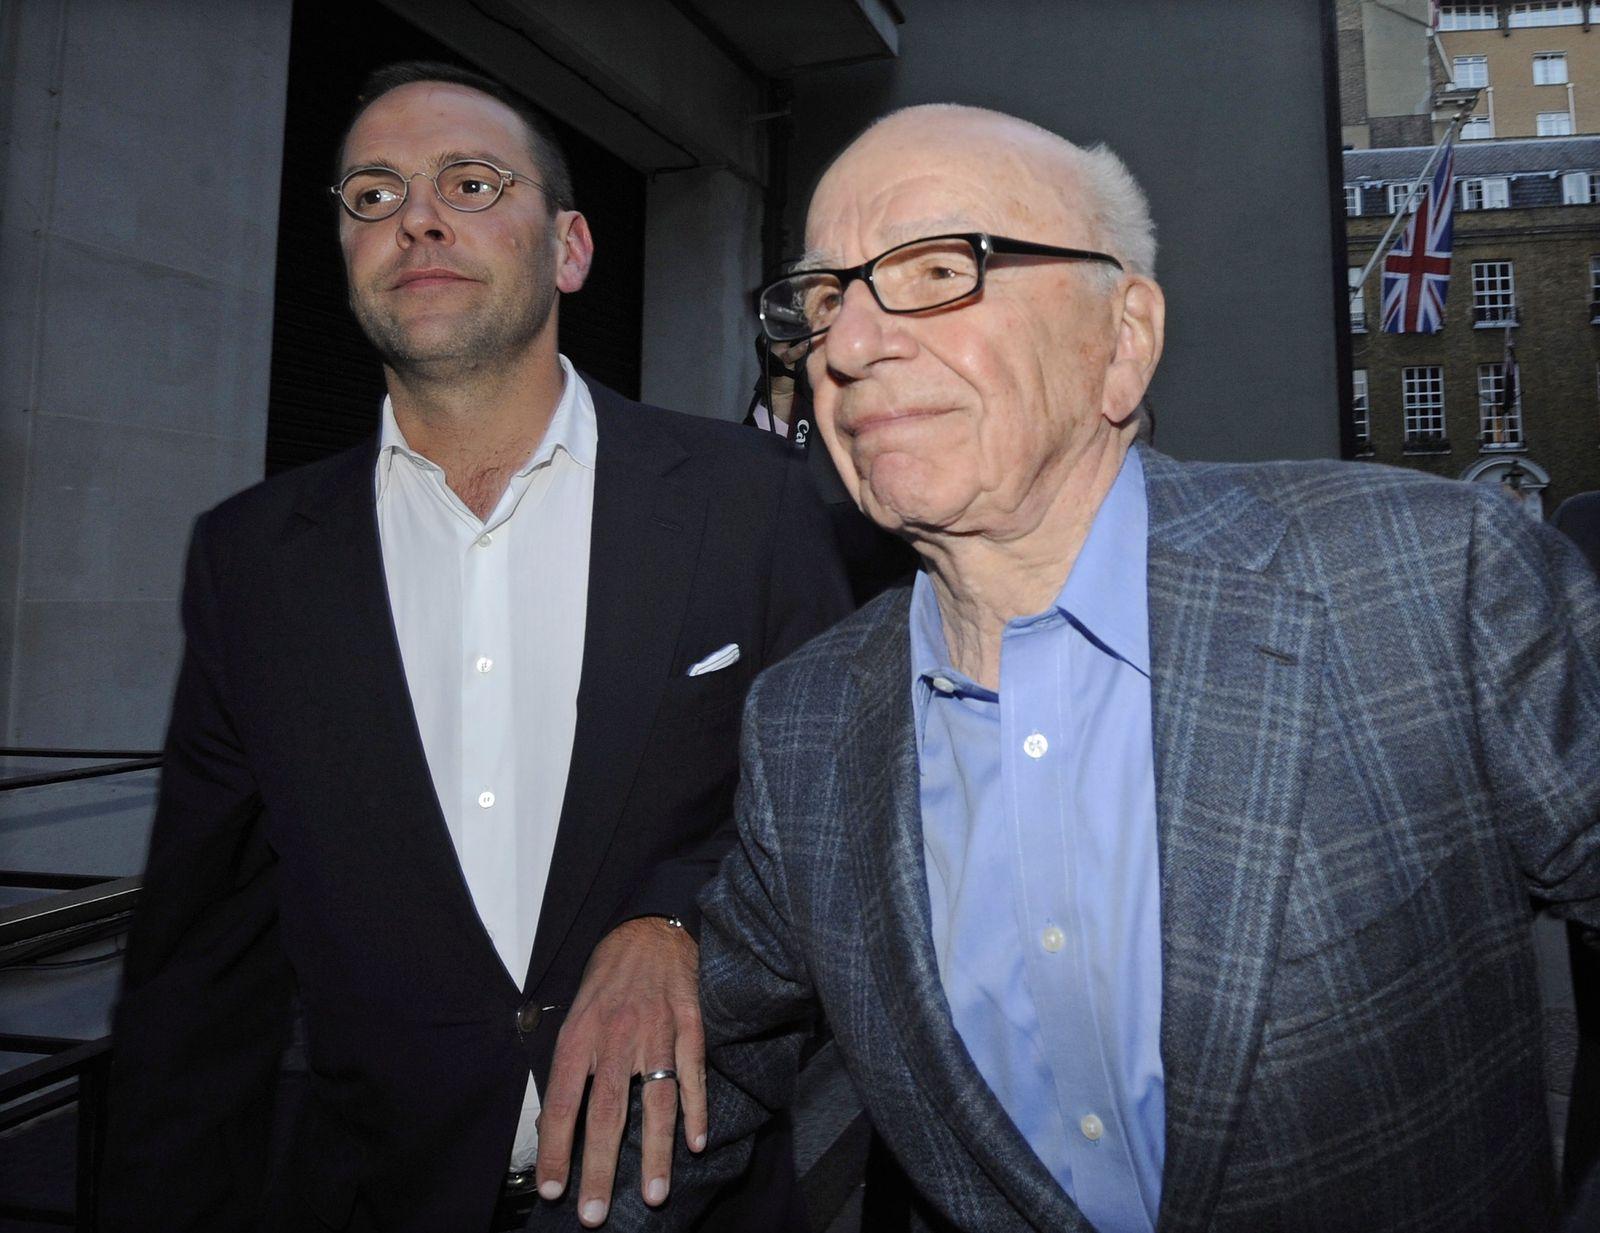 Rupert und James Murdoch